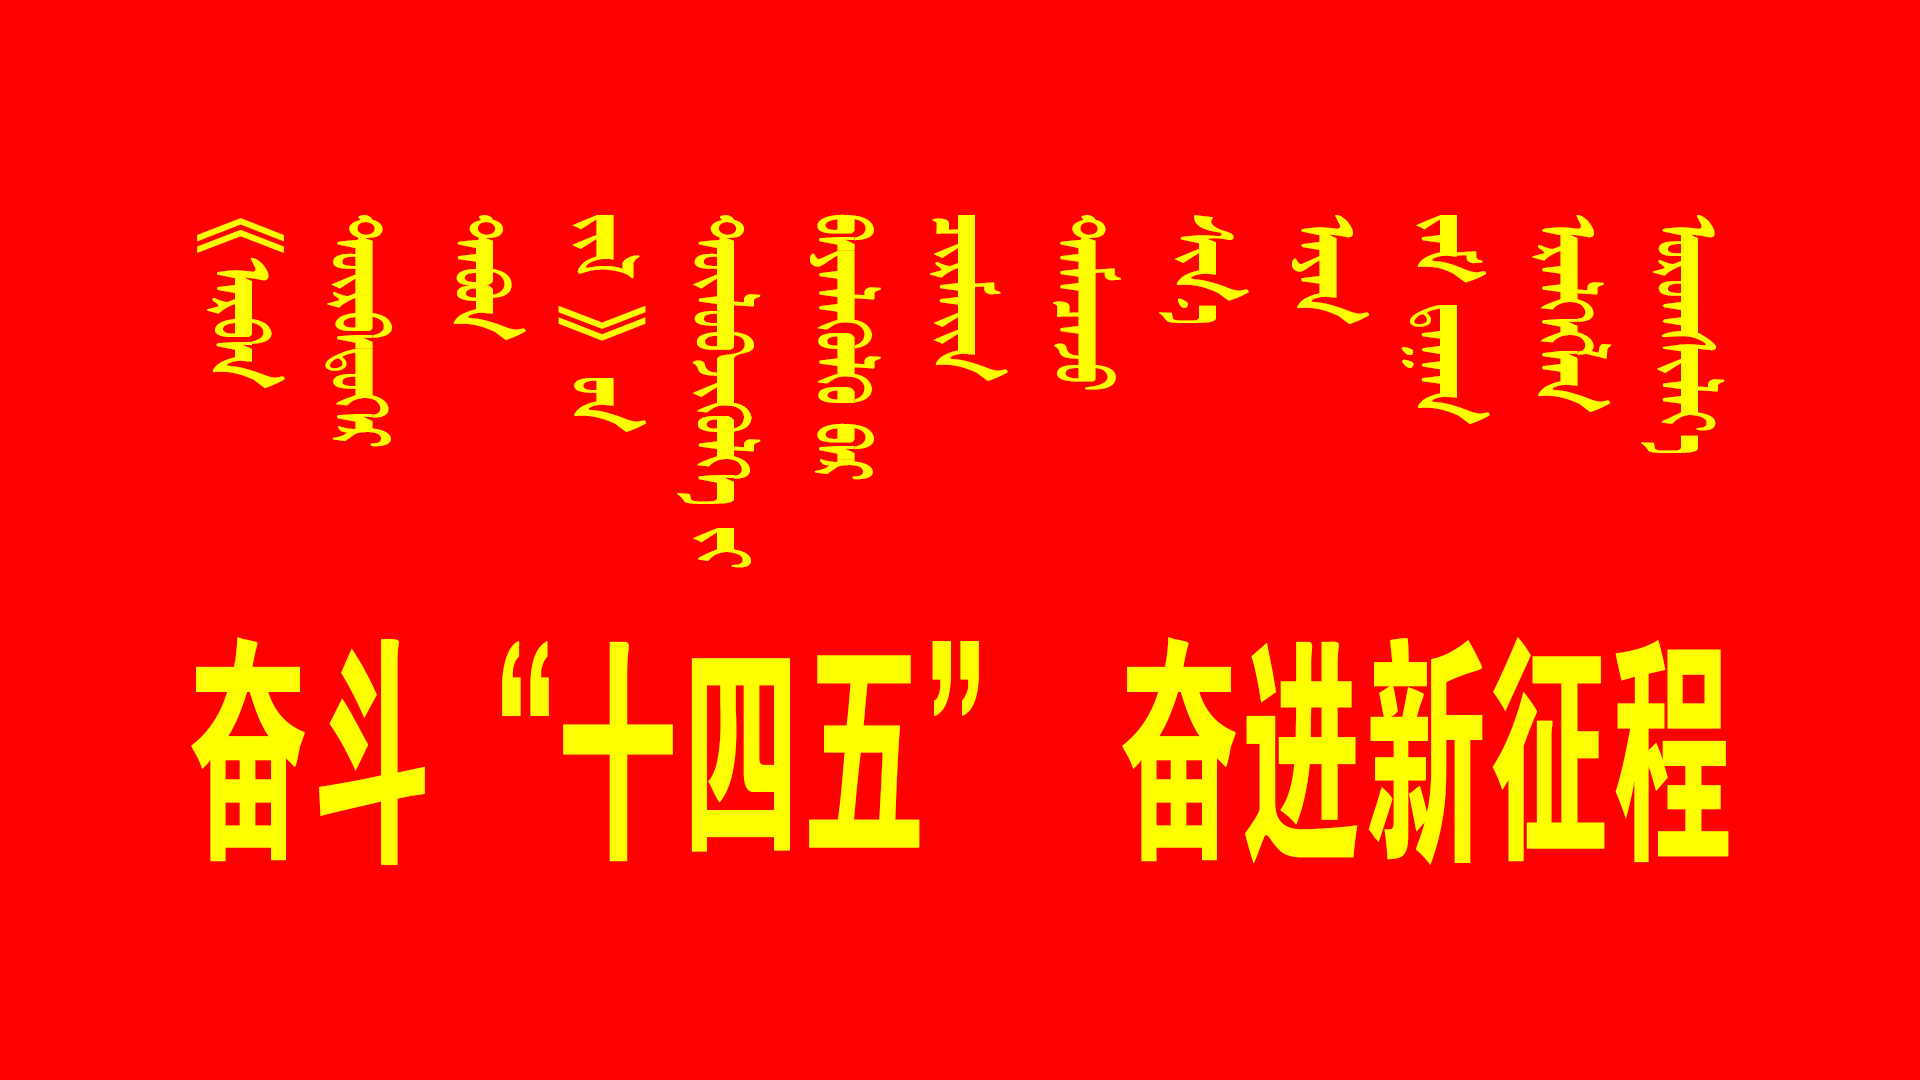 十九届五中全会宣传标语